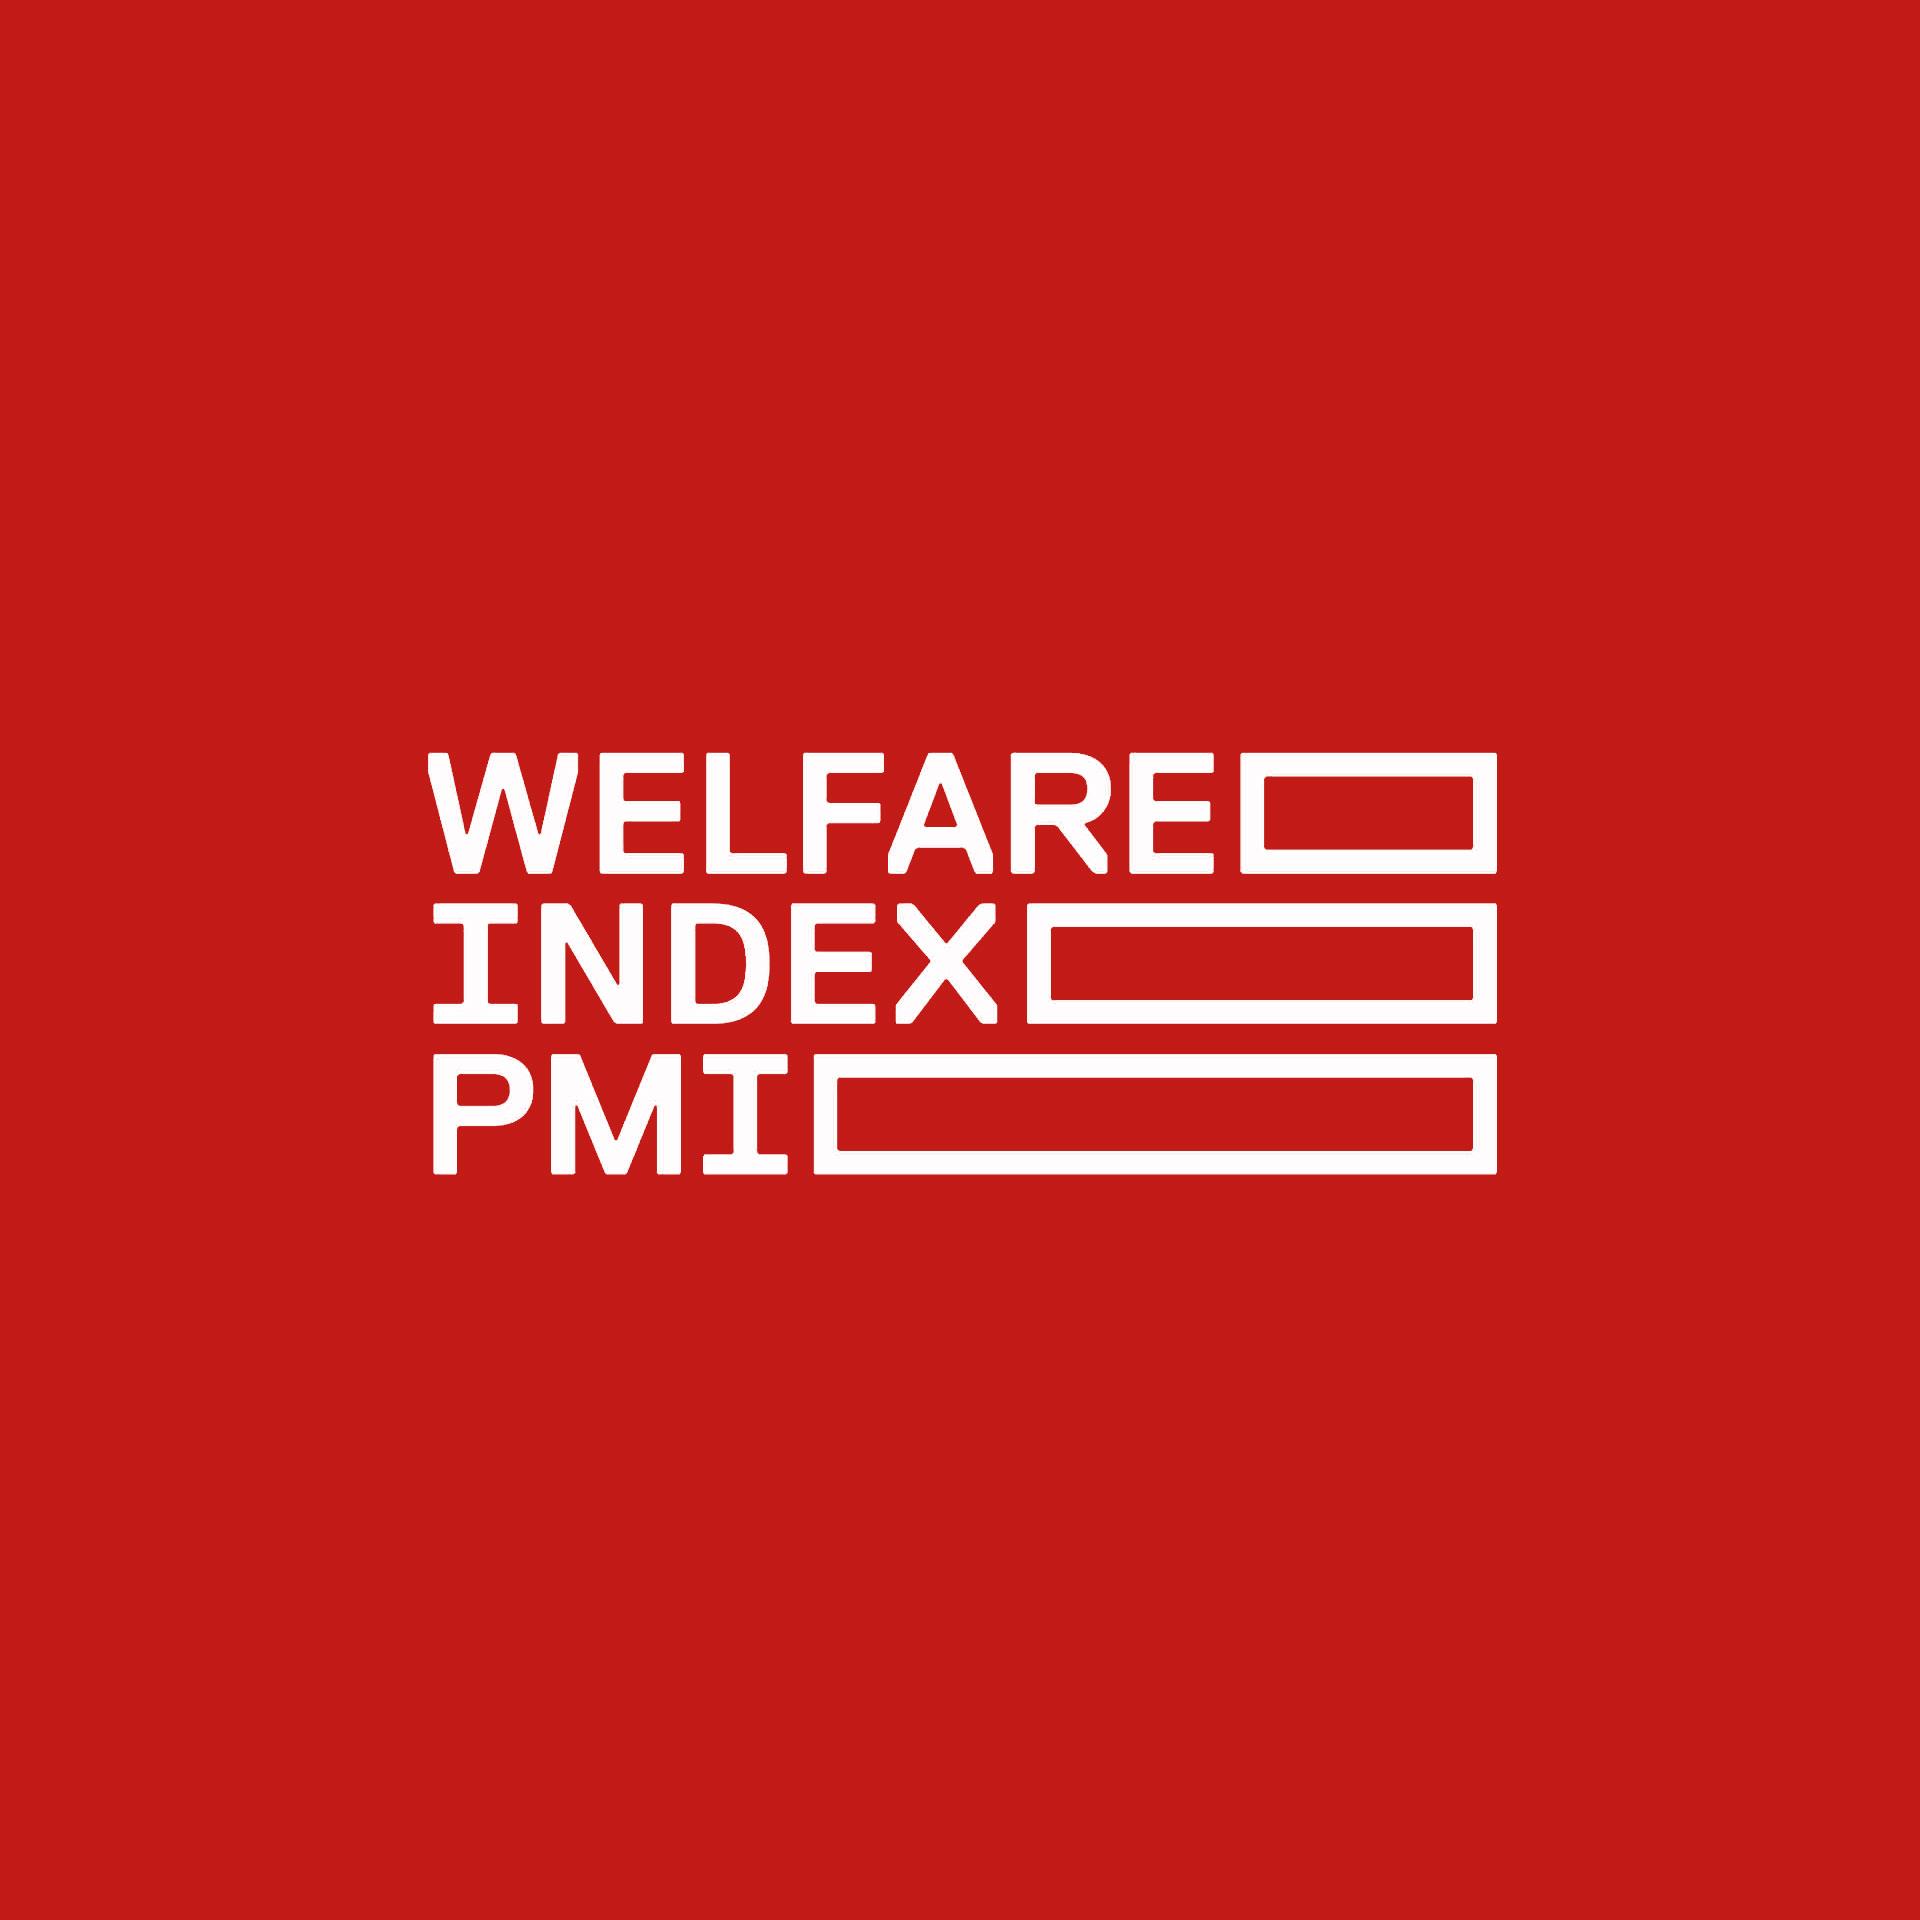 Welcome Italia tra le migliori aziende per il welfare